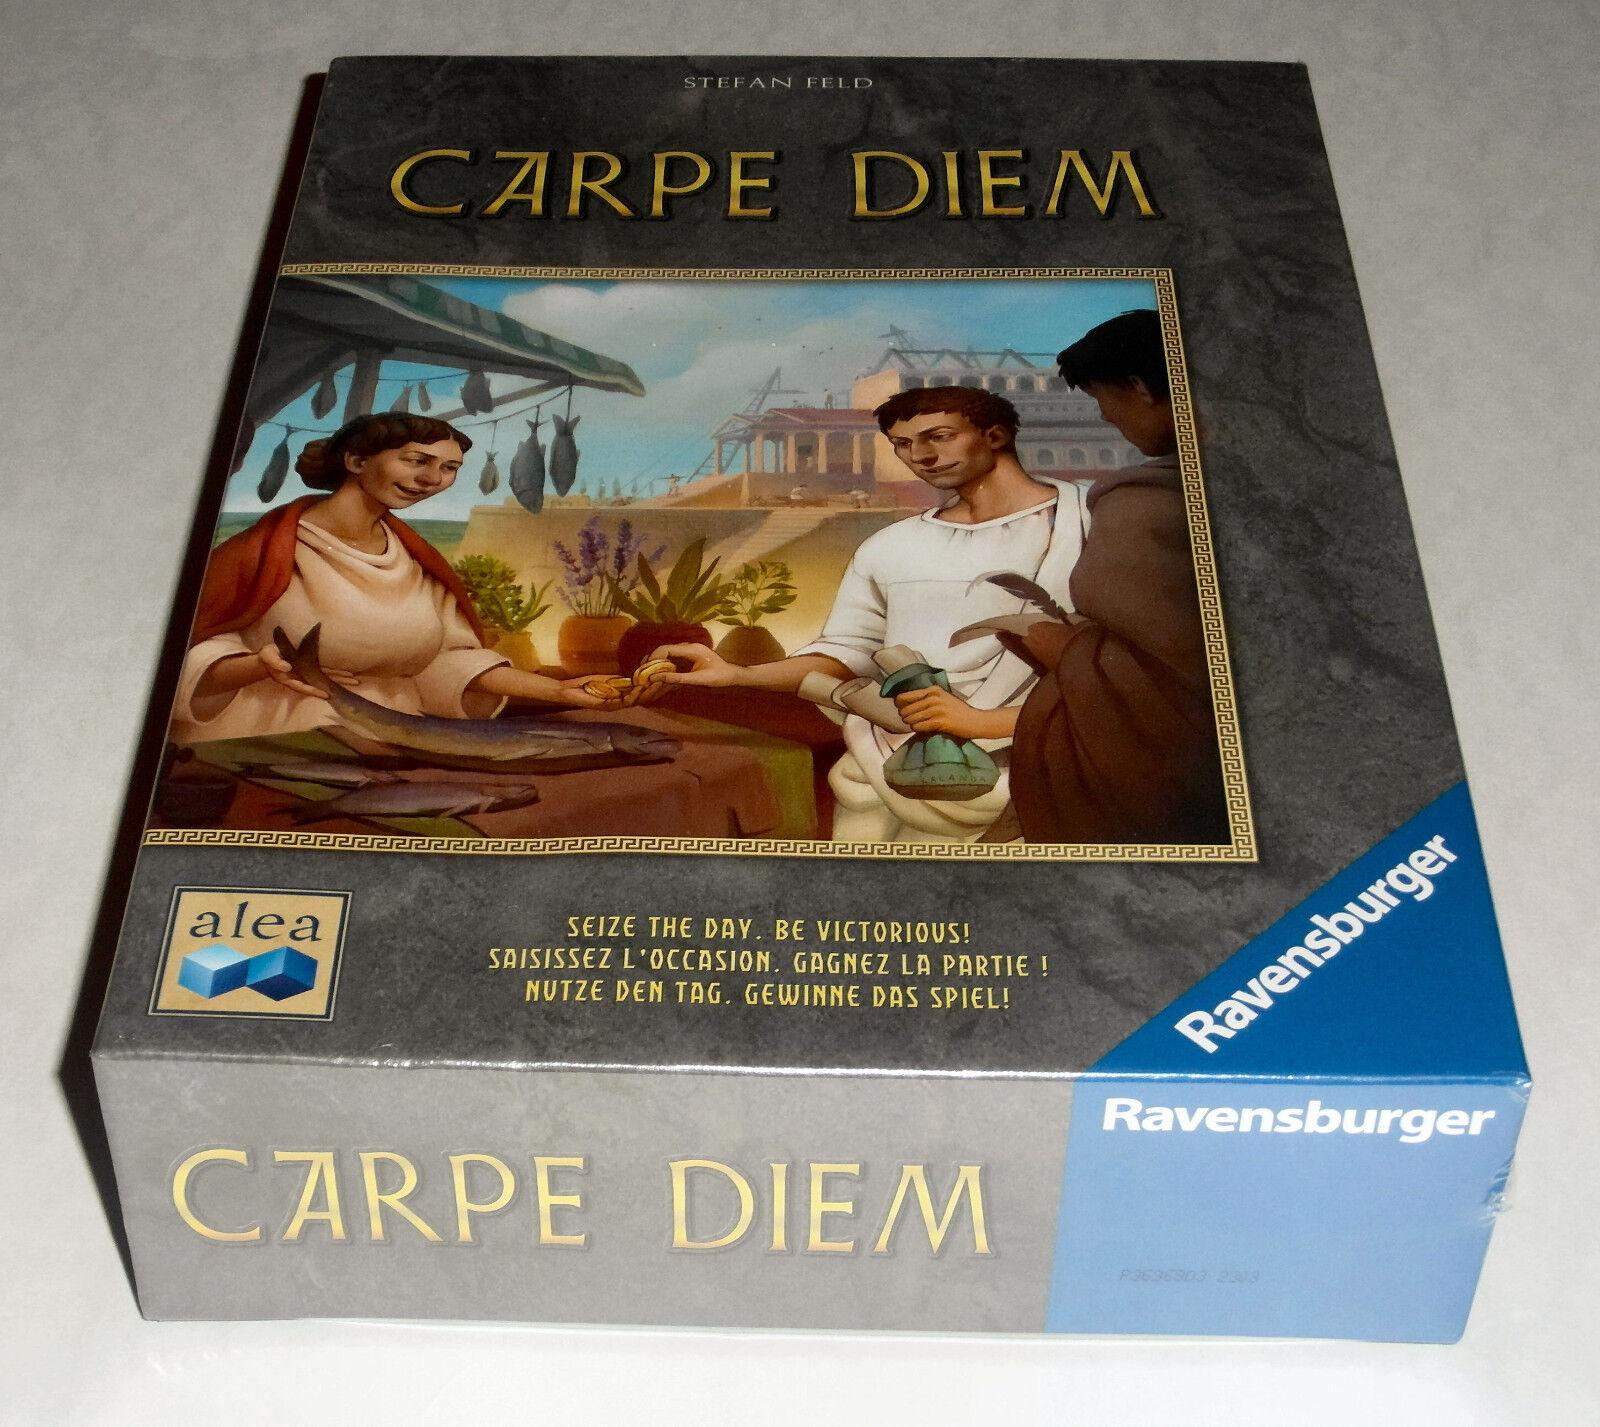 Carpe Diem-Alea Ravensburger - 2018